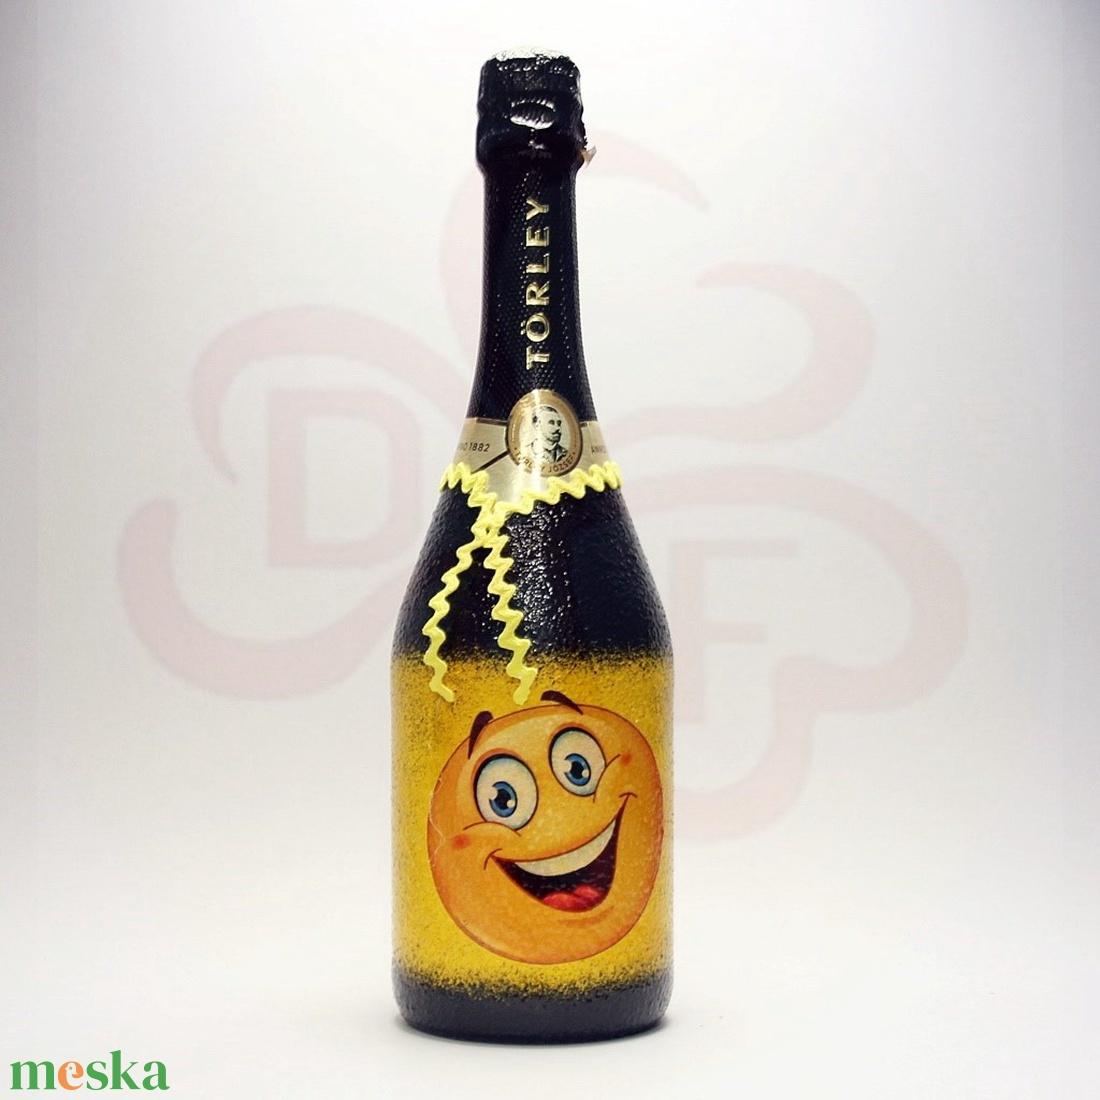 Szülinap, névnap. ünnep, farsang, szilveszter ; vigyél pezsgőt ajándékba - Meska.hu